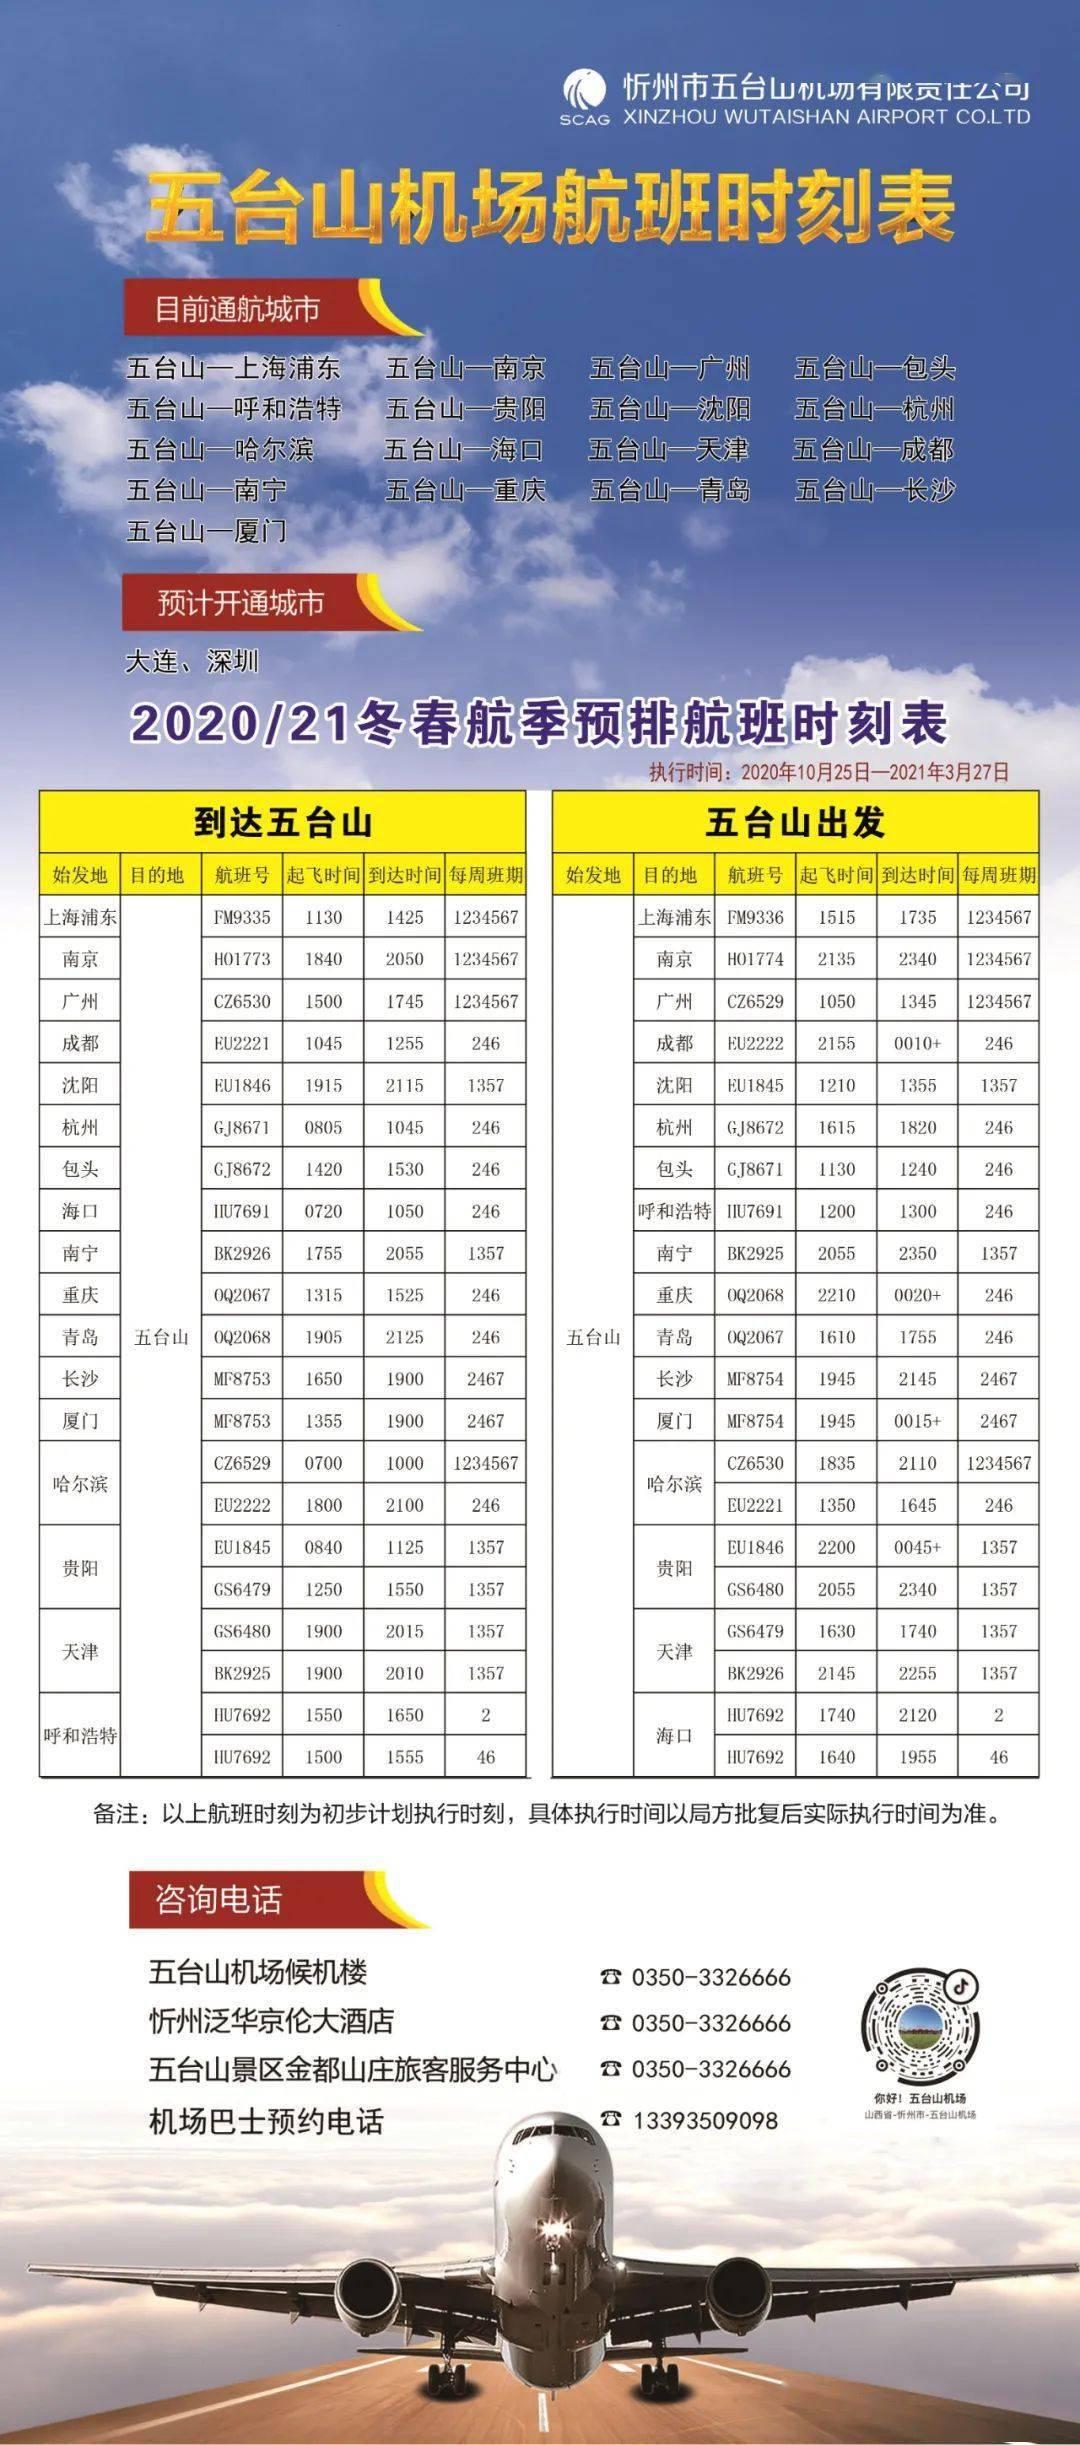 今日大小事 ┃忻州五台山机场最新时刻表